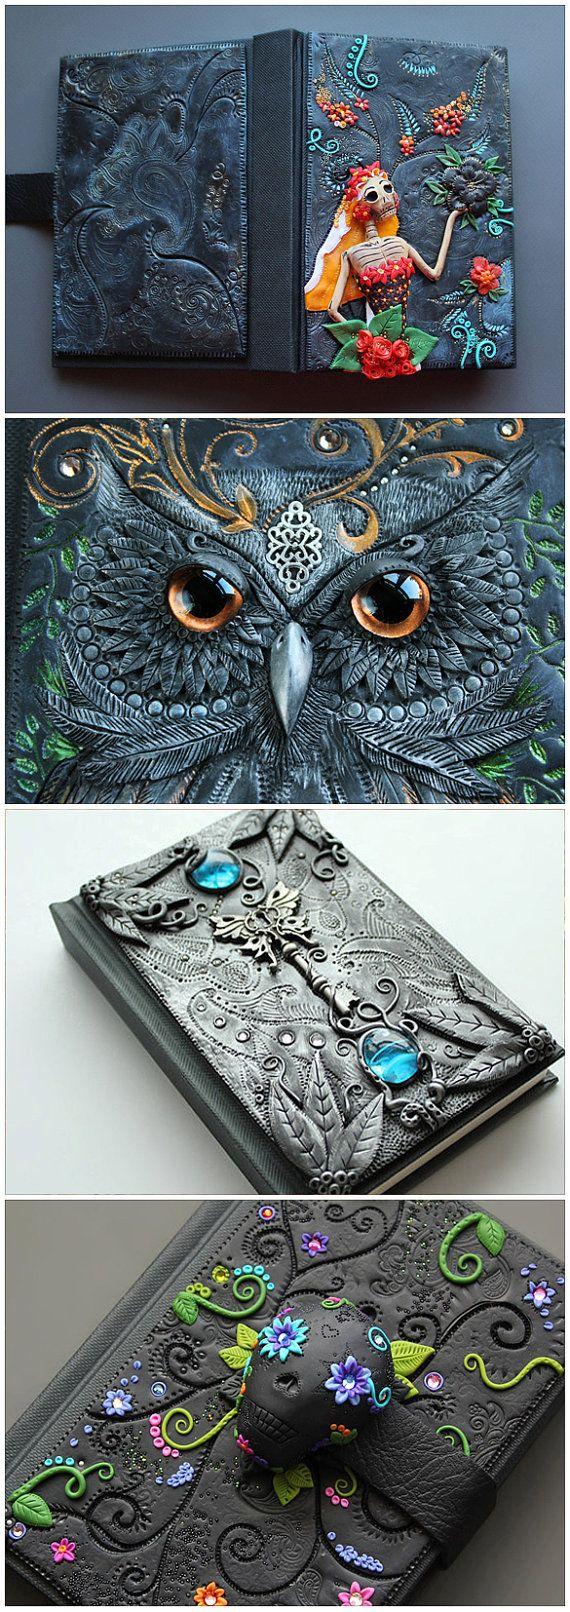 clay journal covers  Owl, mermaid